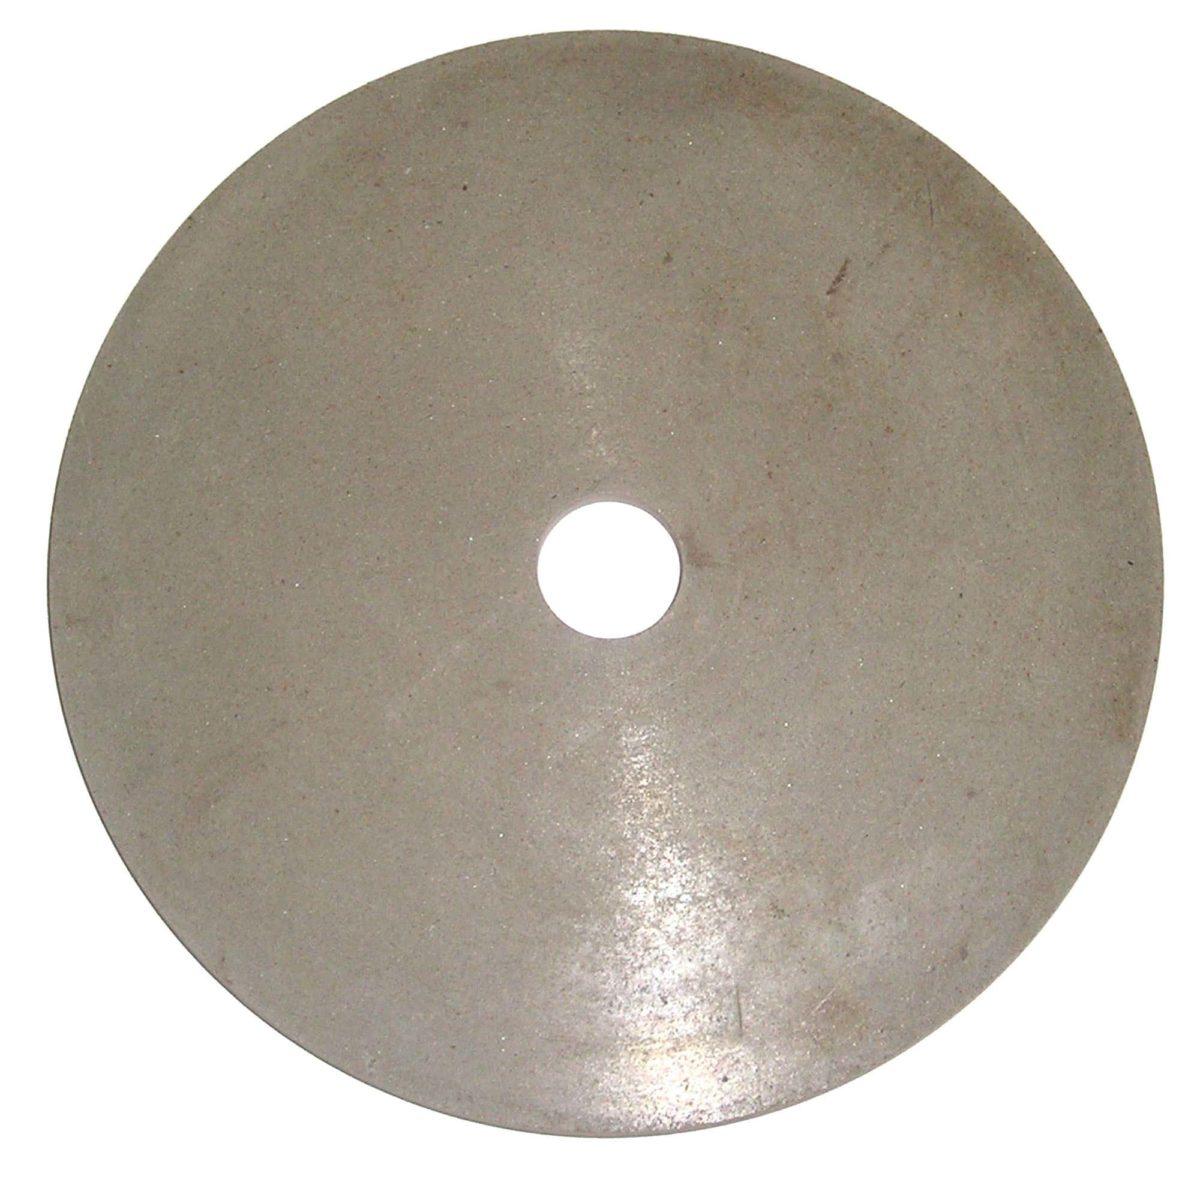 Muela Estrias Ceramica 200x10x25